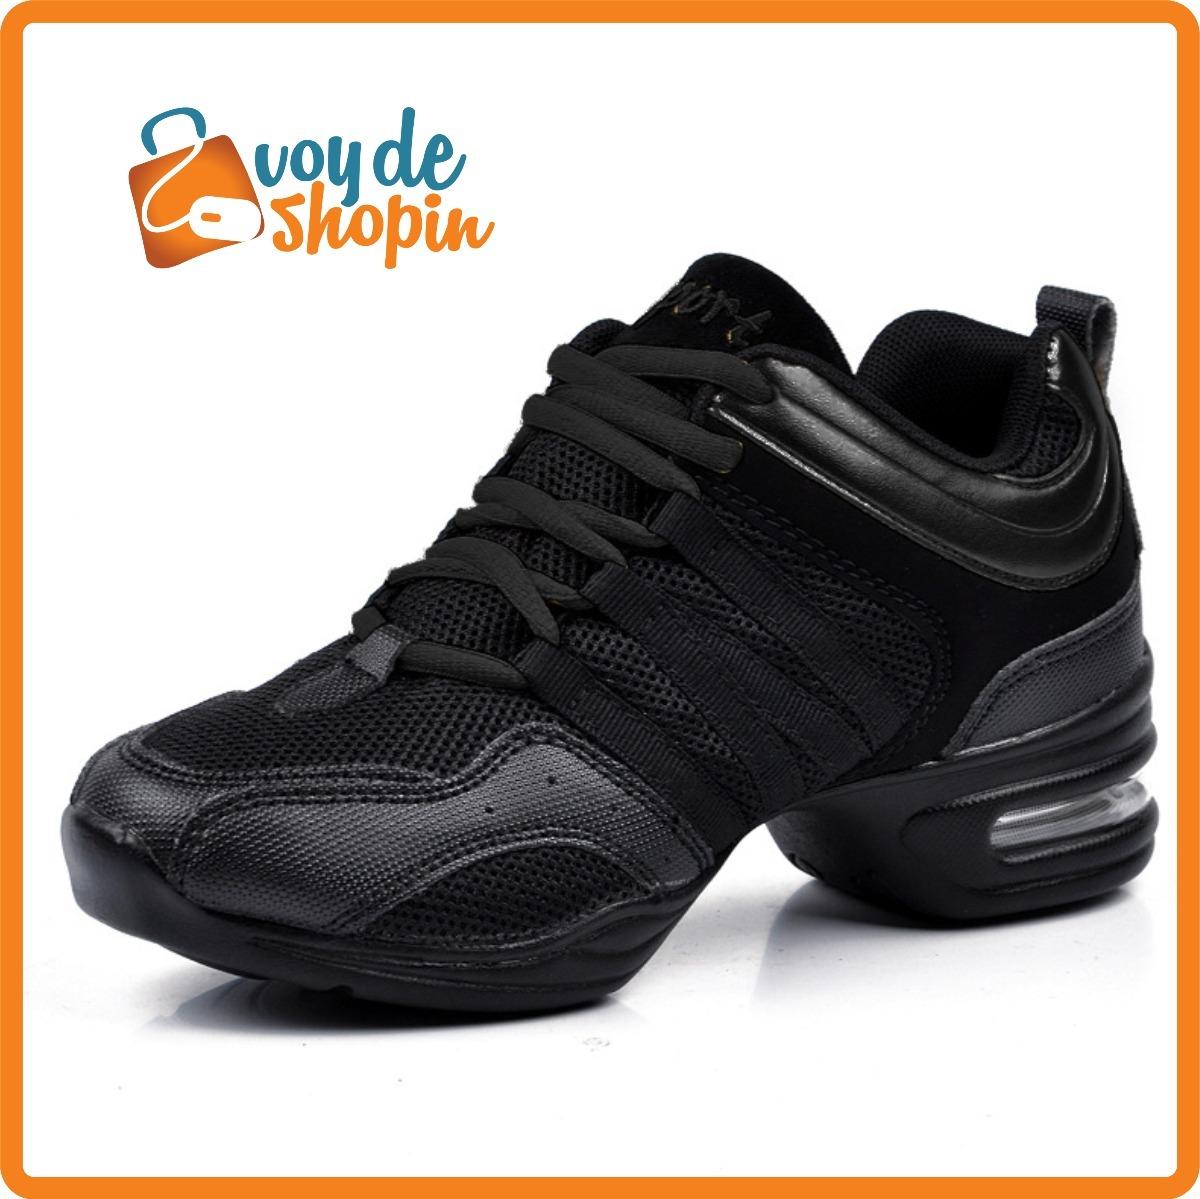 81ab31494b08e zapatillas de baile jazz hip hop salsa no capezio no blotch. Cargando zoom.